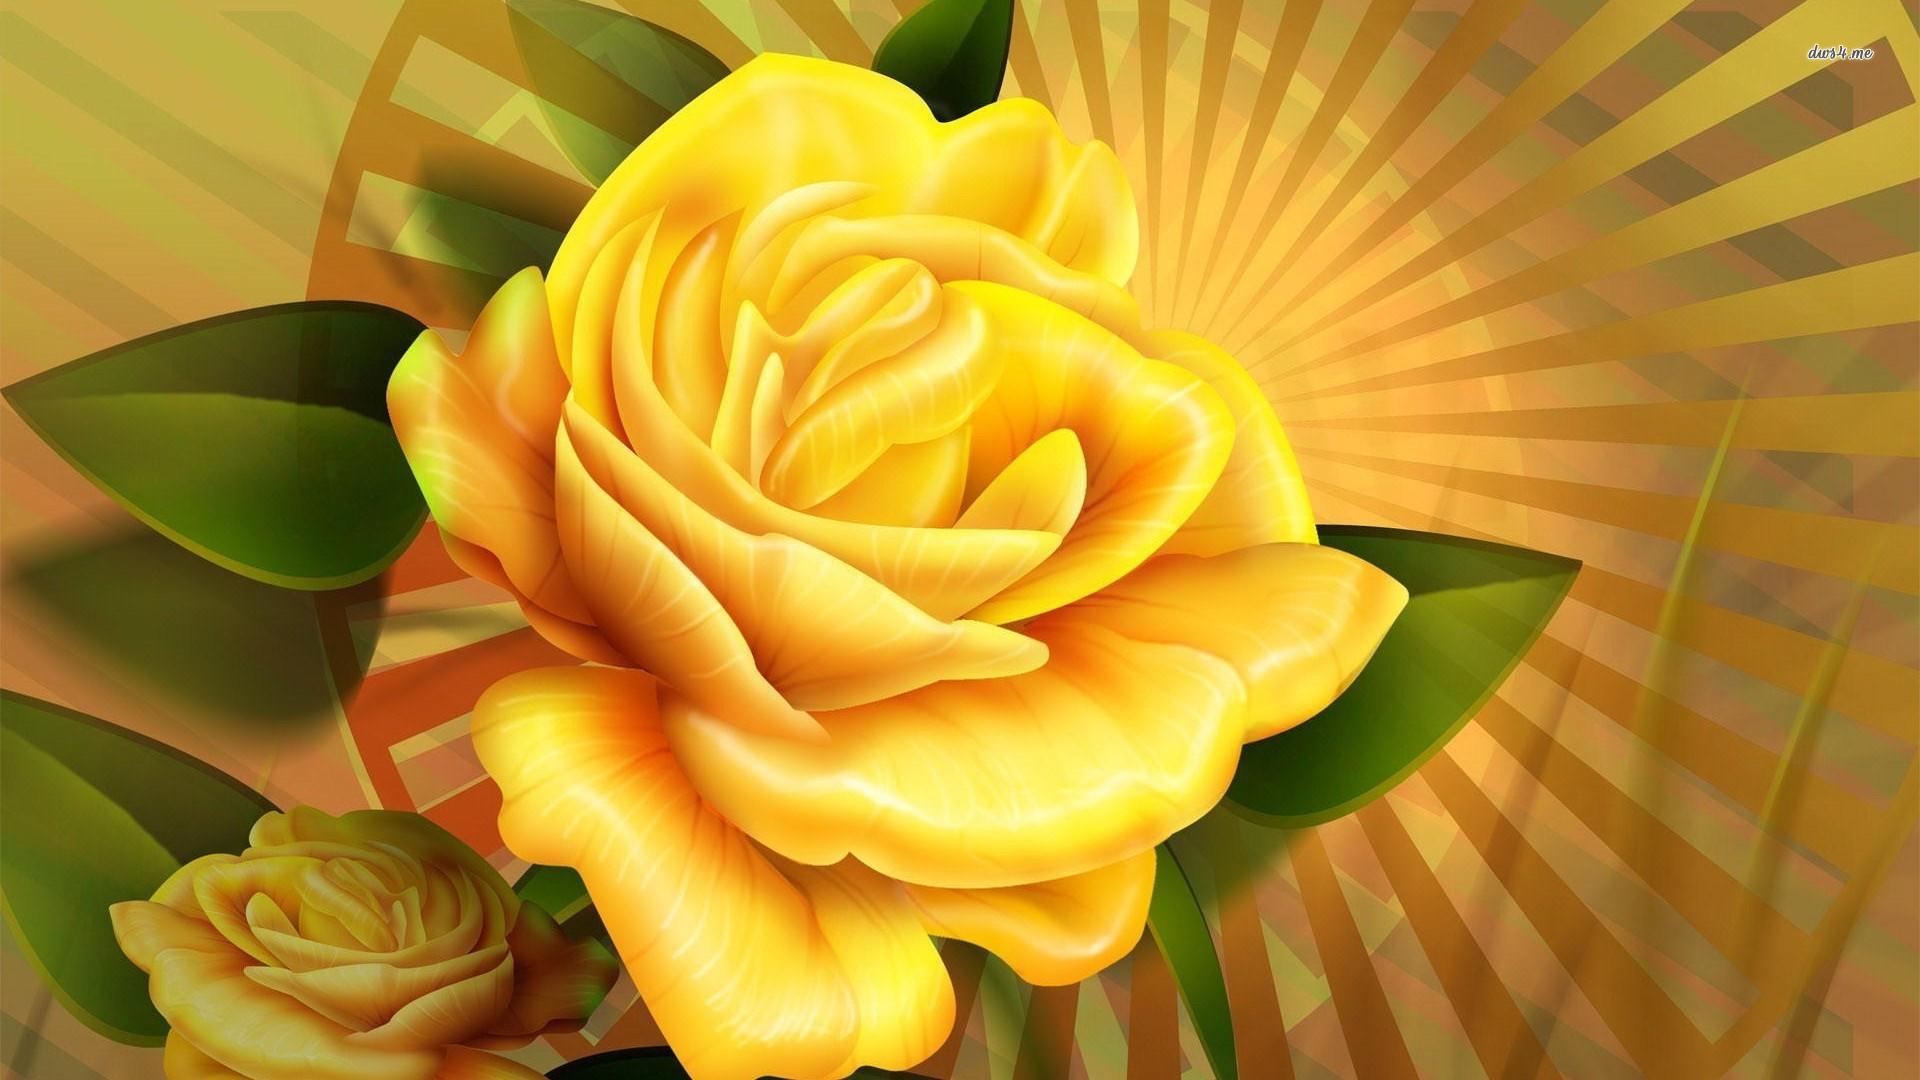 давайте, желтые цветы картинки с надписью так